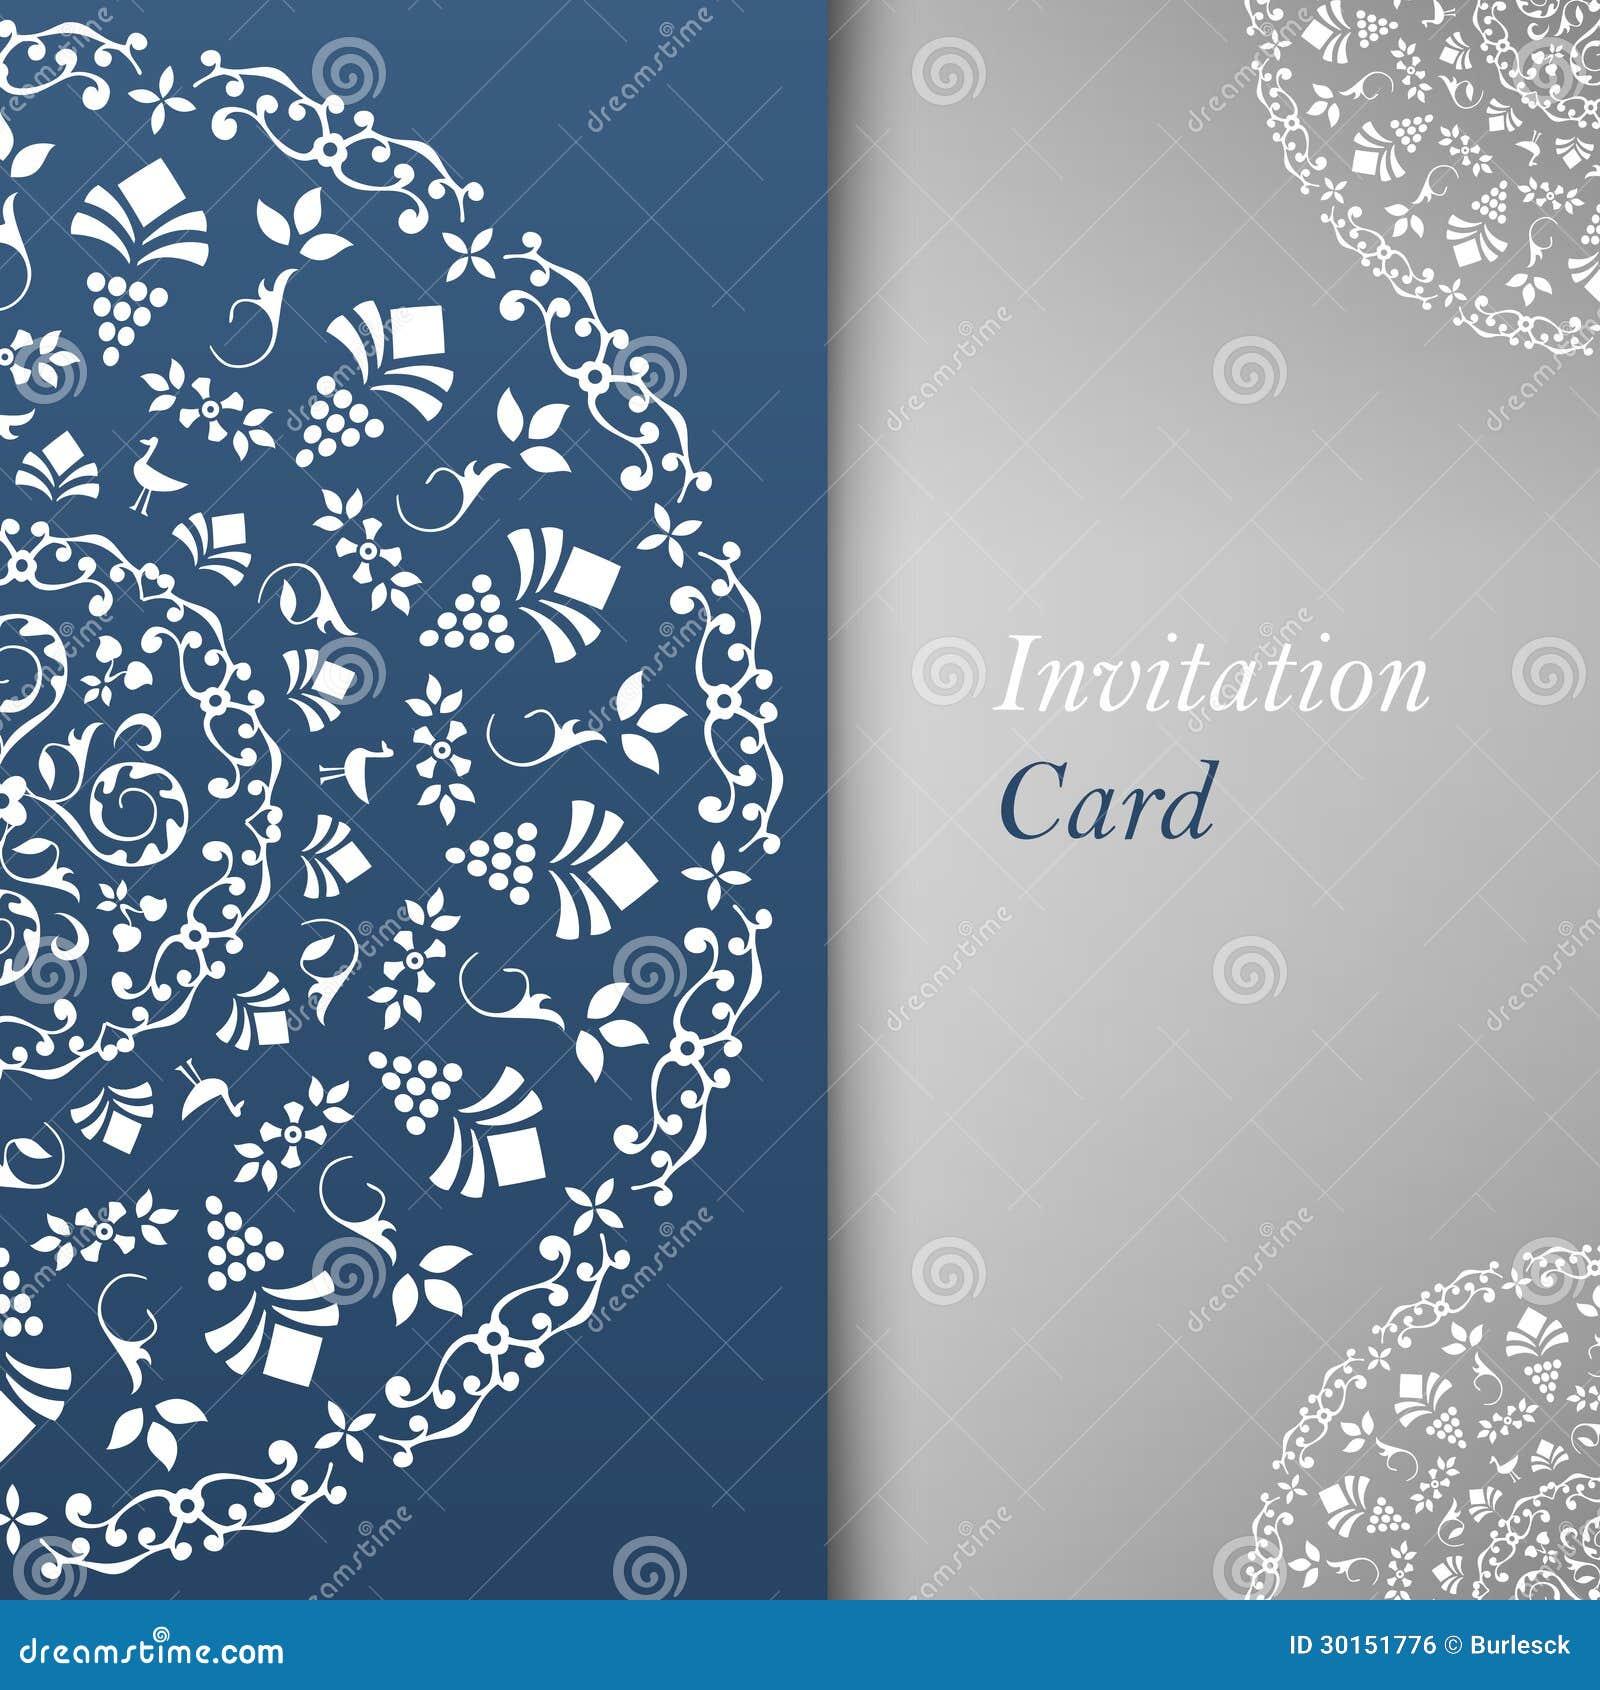 free invitation card design template .